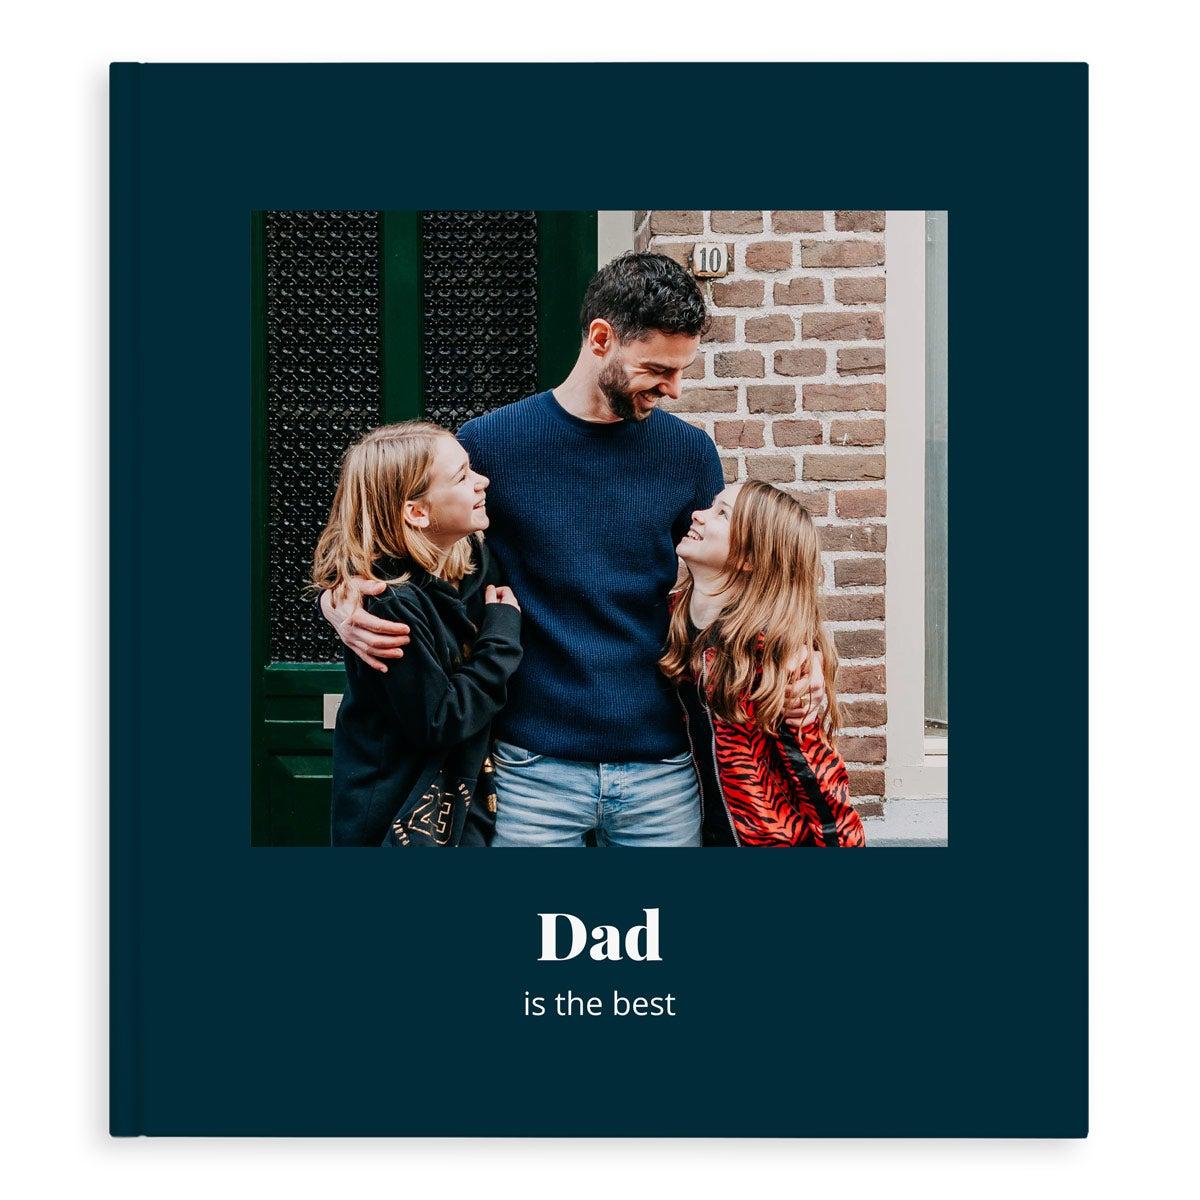 Fotoboek maken - Papa & ik/wij - XL - Hardcover - 40 pagina's